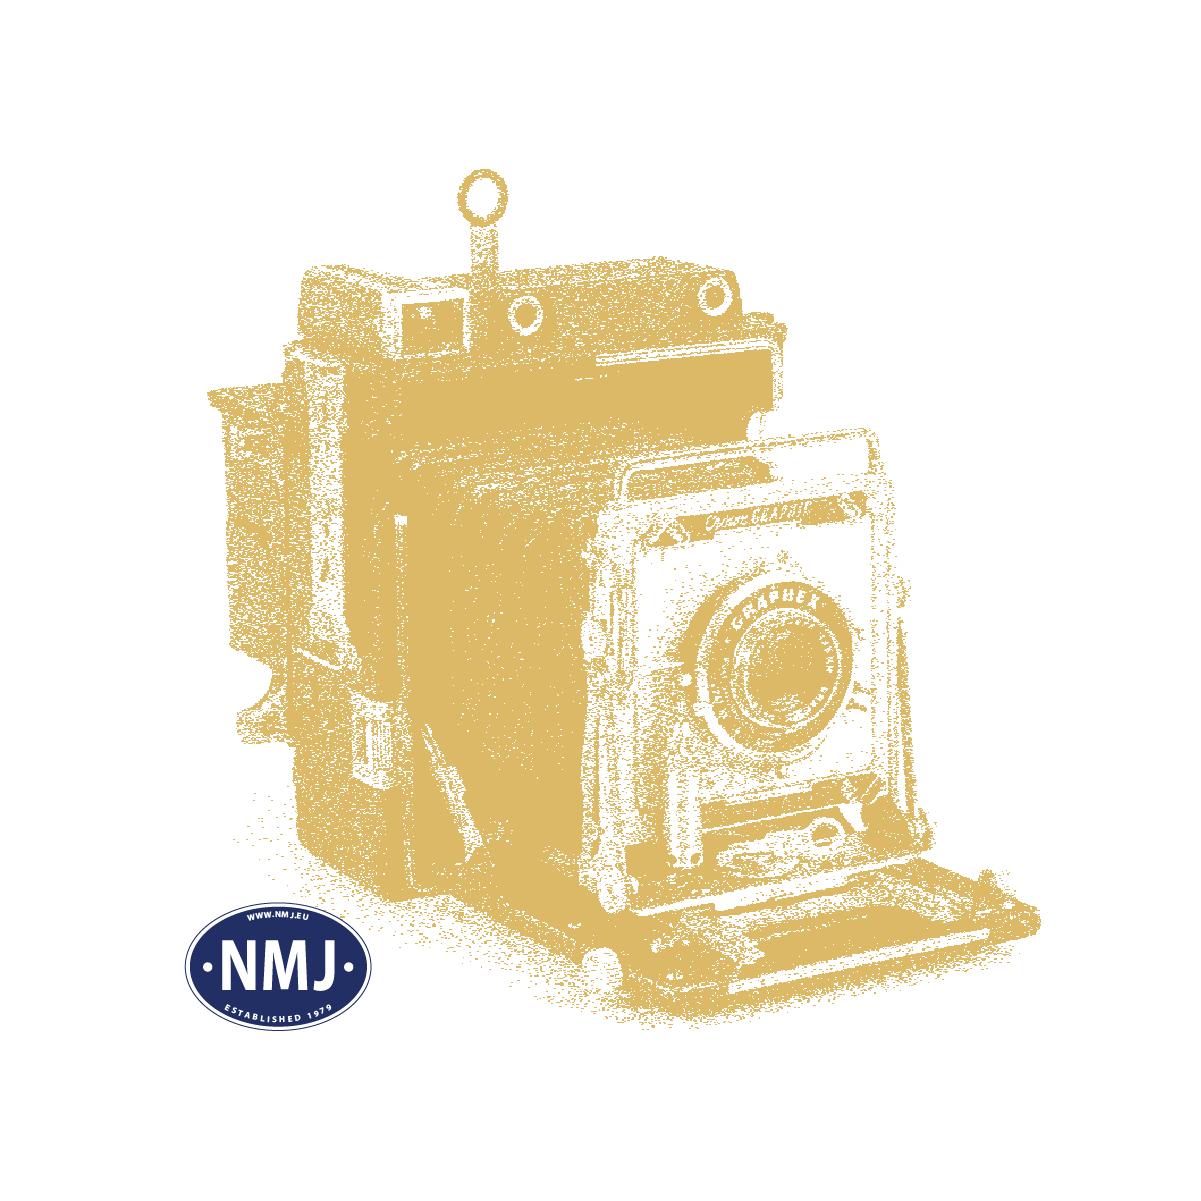 NMJT202.002 - NMJ Topline SJ AB2 4855, 1/2 kl. Personvogn, rund SJ logo